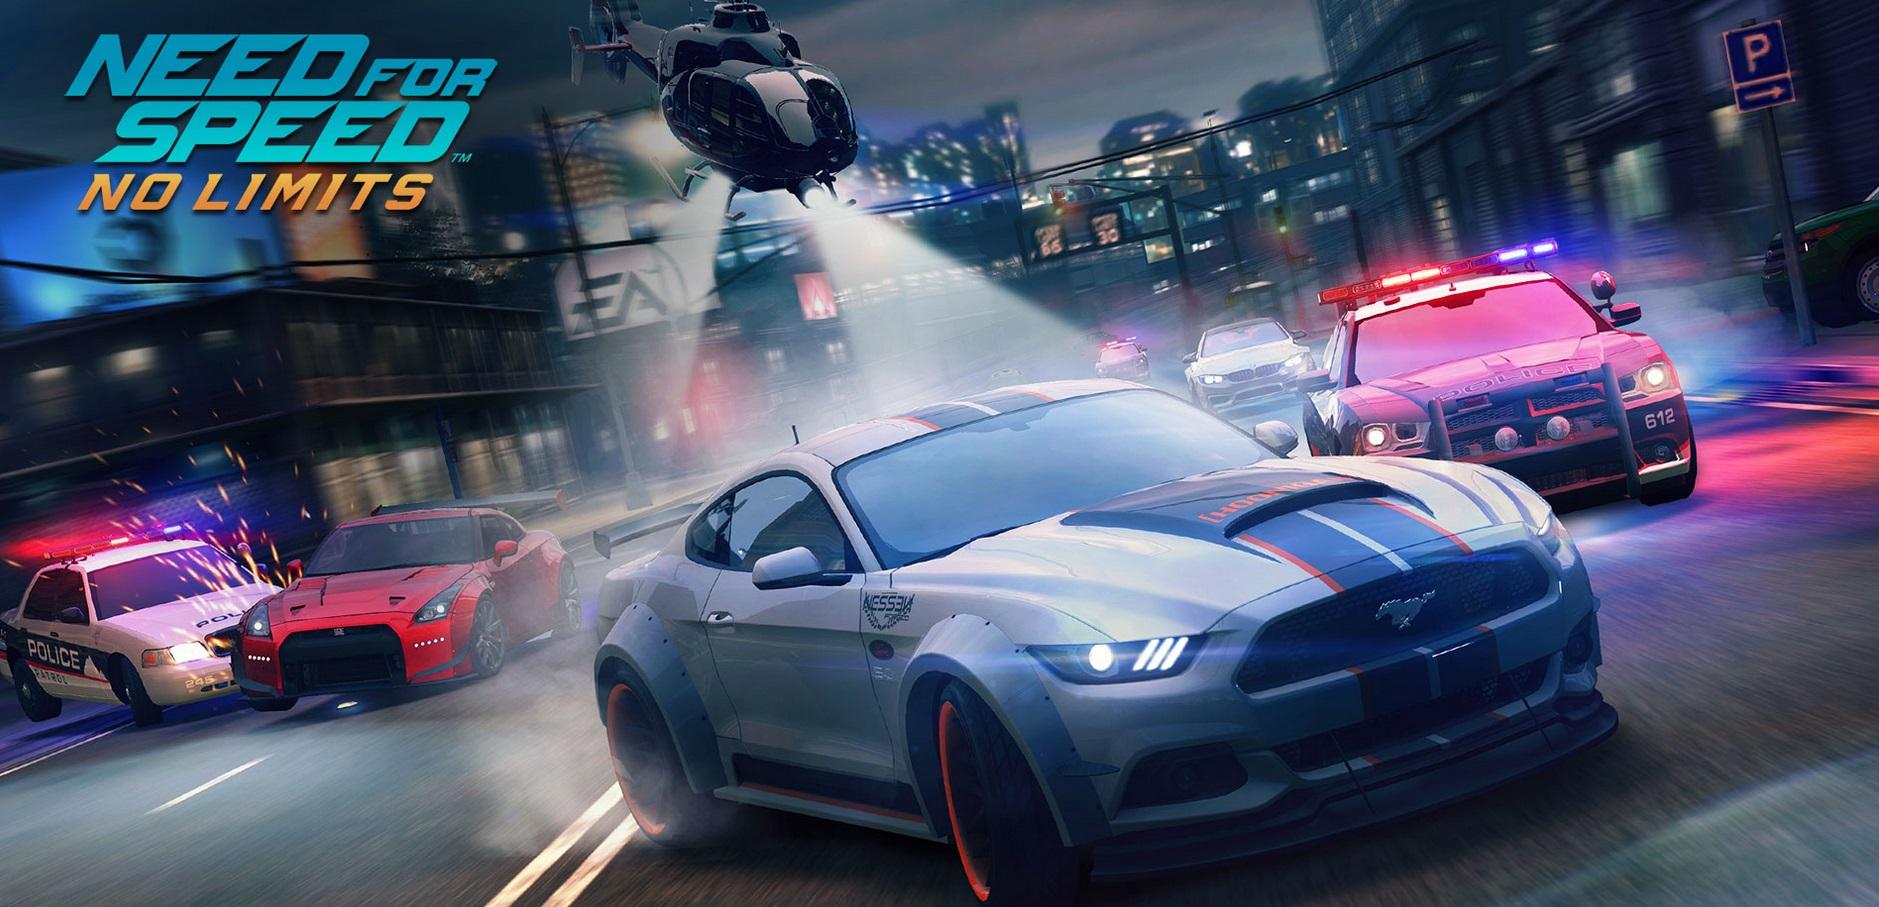 Need for Speed No Limits - Handyspiel für Android- und iOS-Geräte